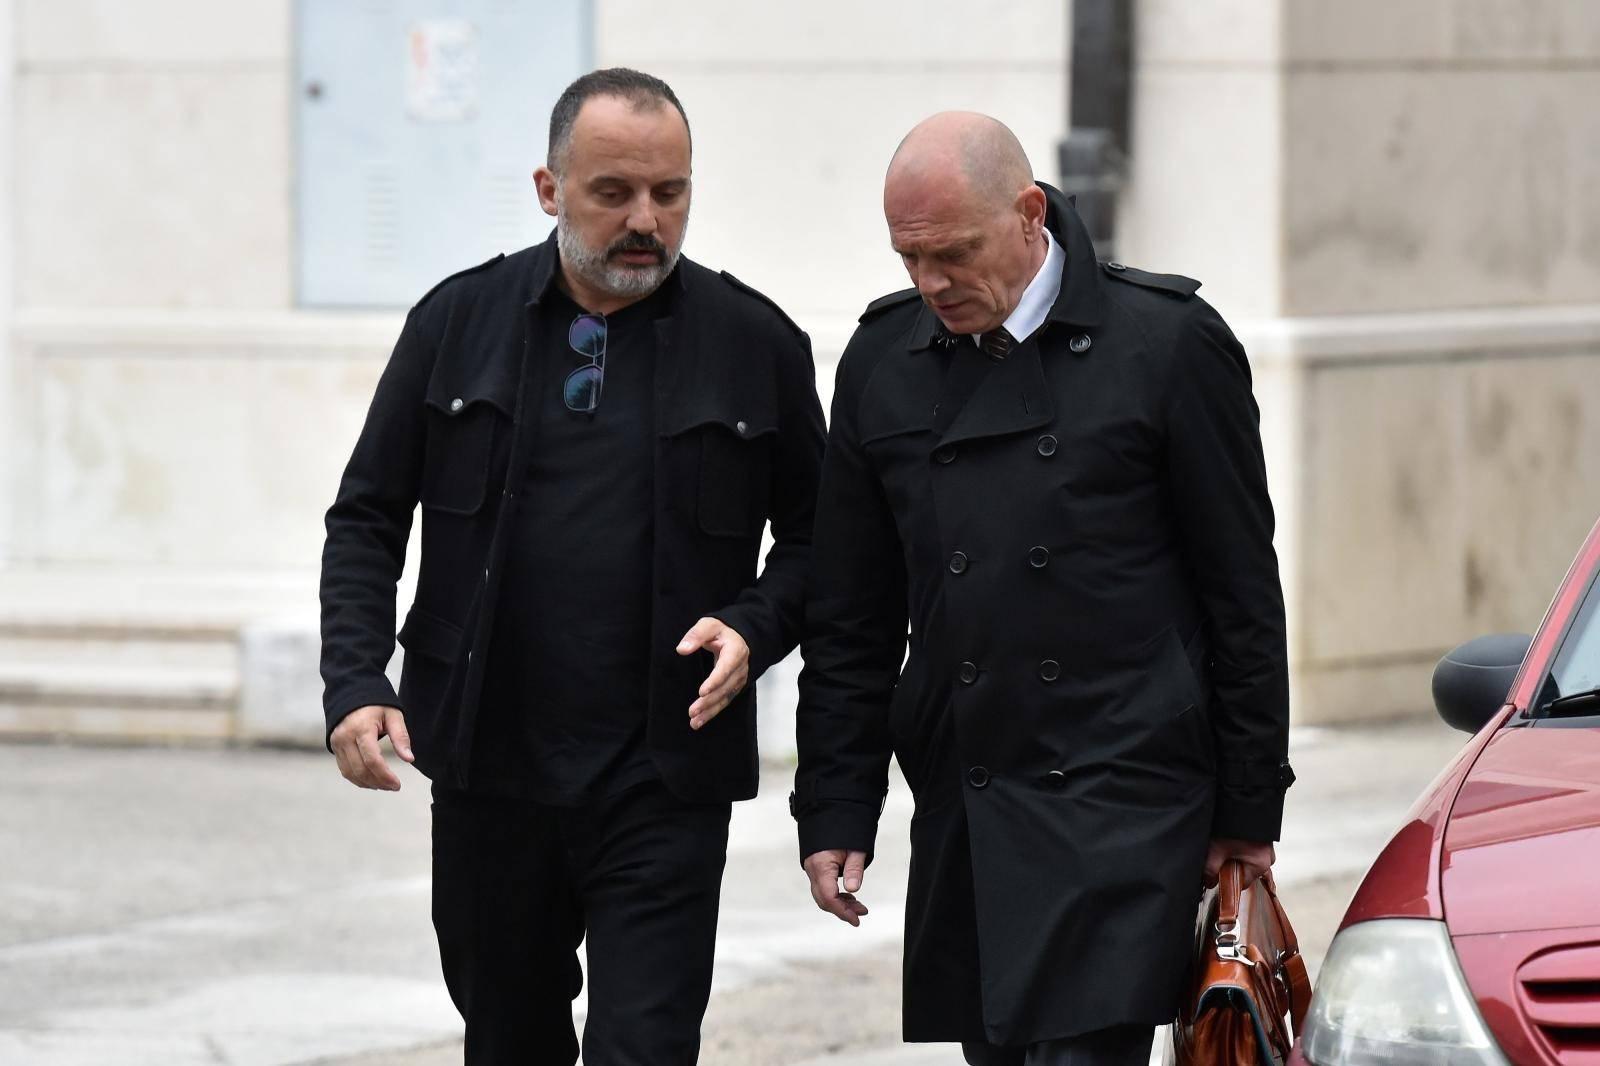 Na Općinskom sudu u Pazinu započelo suđenje Toniju Cetinskom za prometnu nesreću